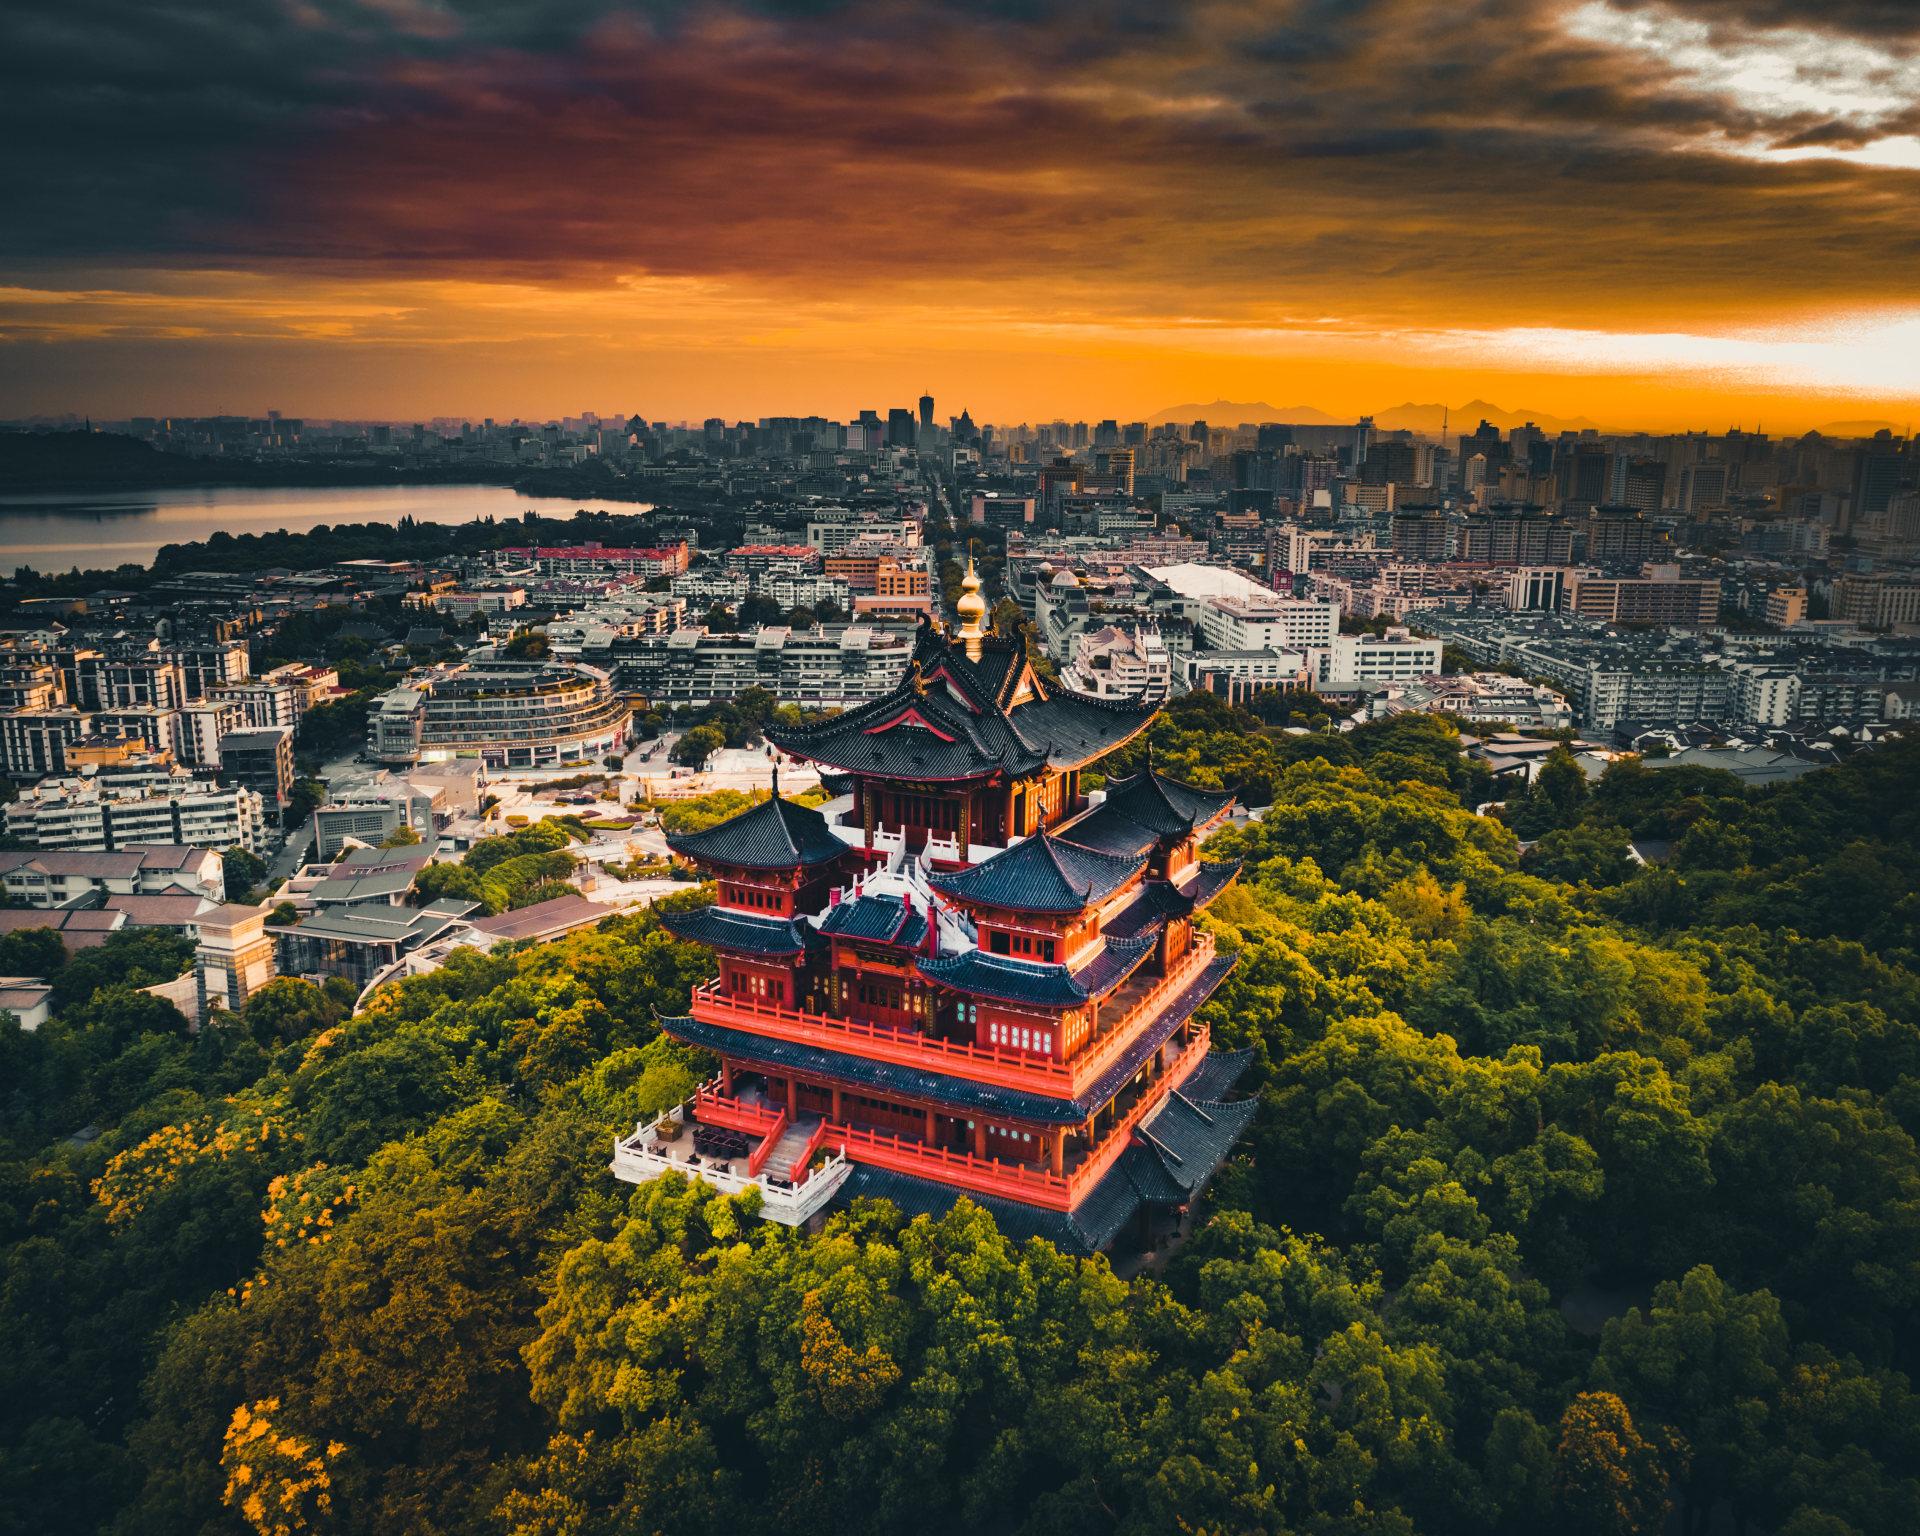 Hangzhou-é-uma-das-Melhores-cidades-para-estudar-na-China